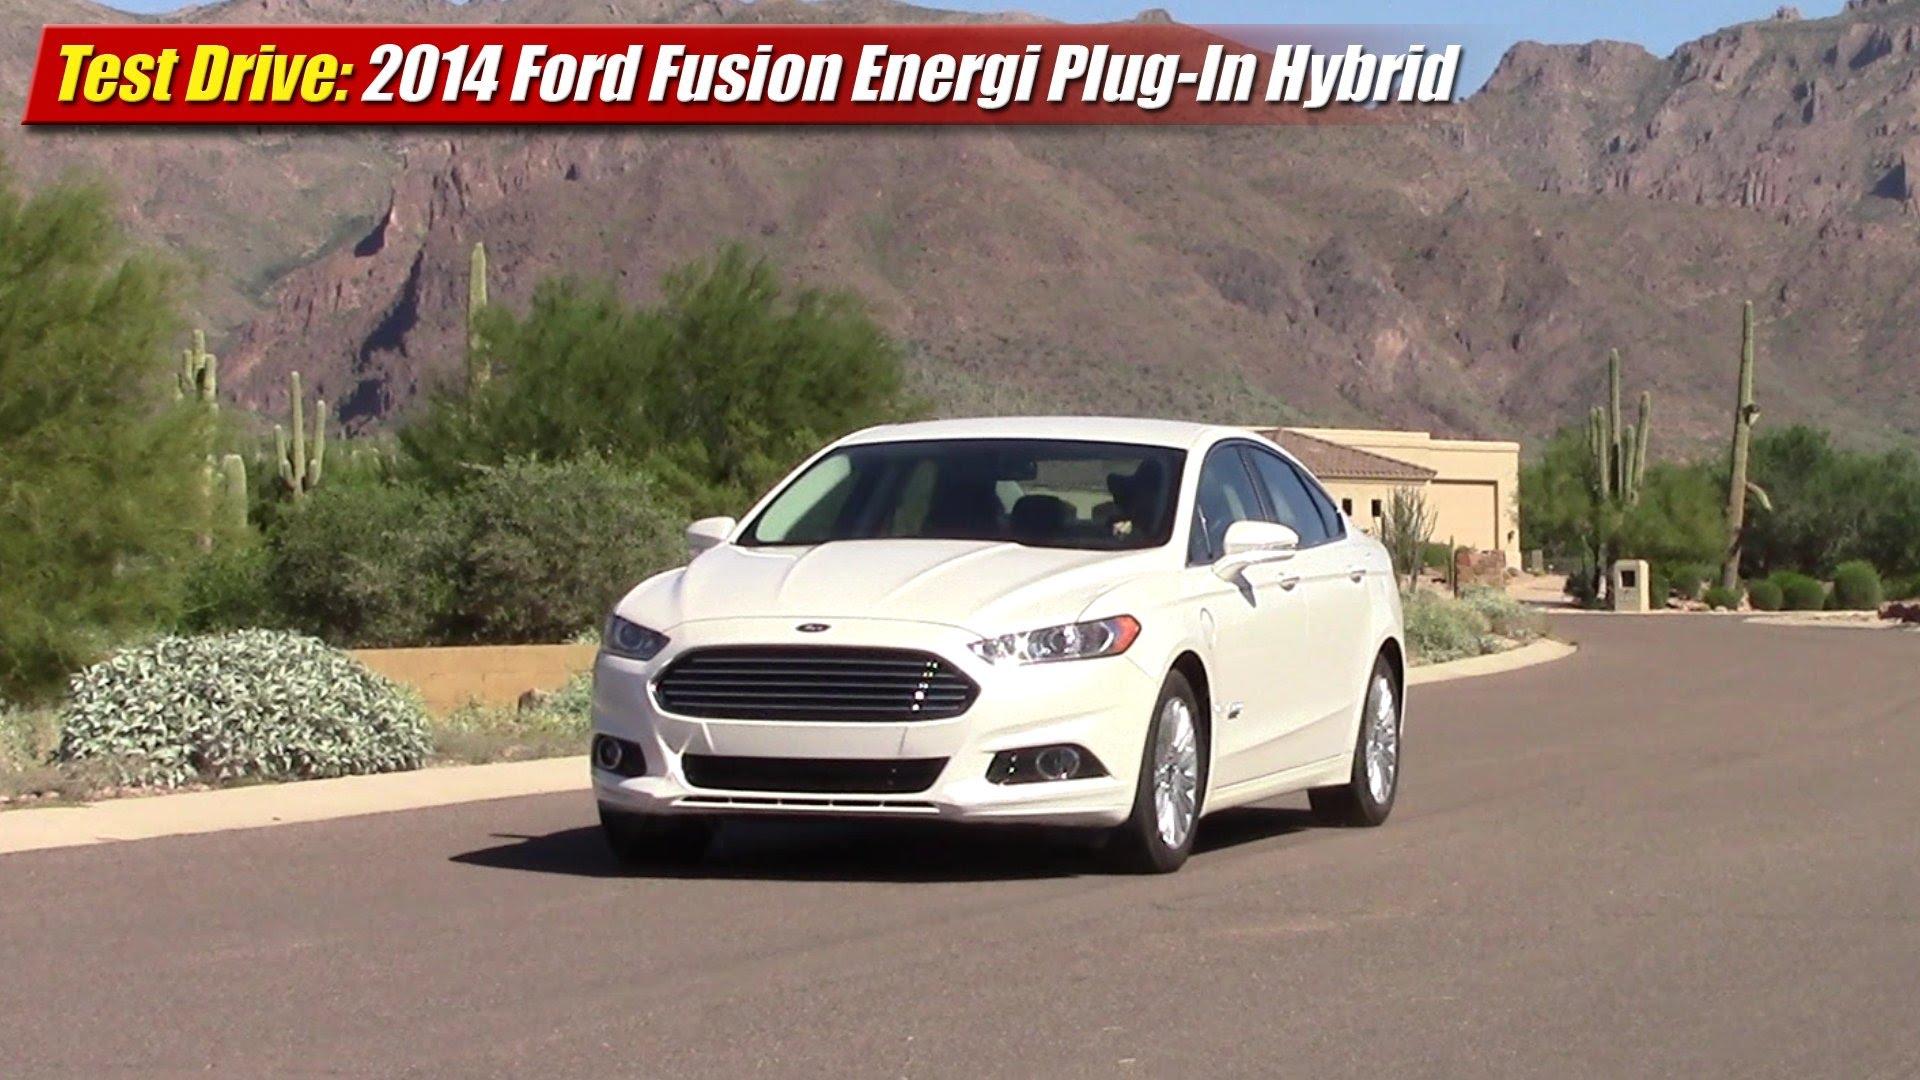 test drive 2014 ford fusion energi plug in hybrid testdriven tv. Black Bedroom Furniture Sets. Home Design Ideas